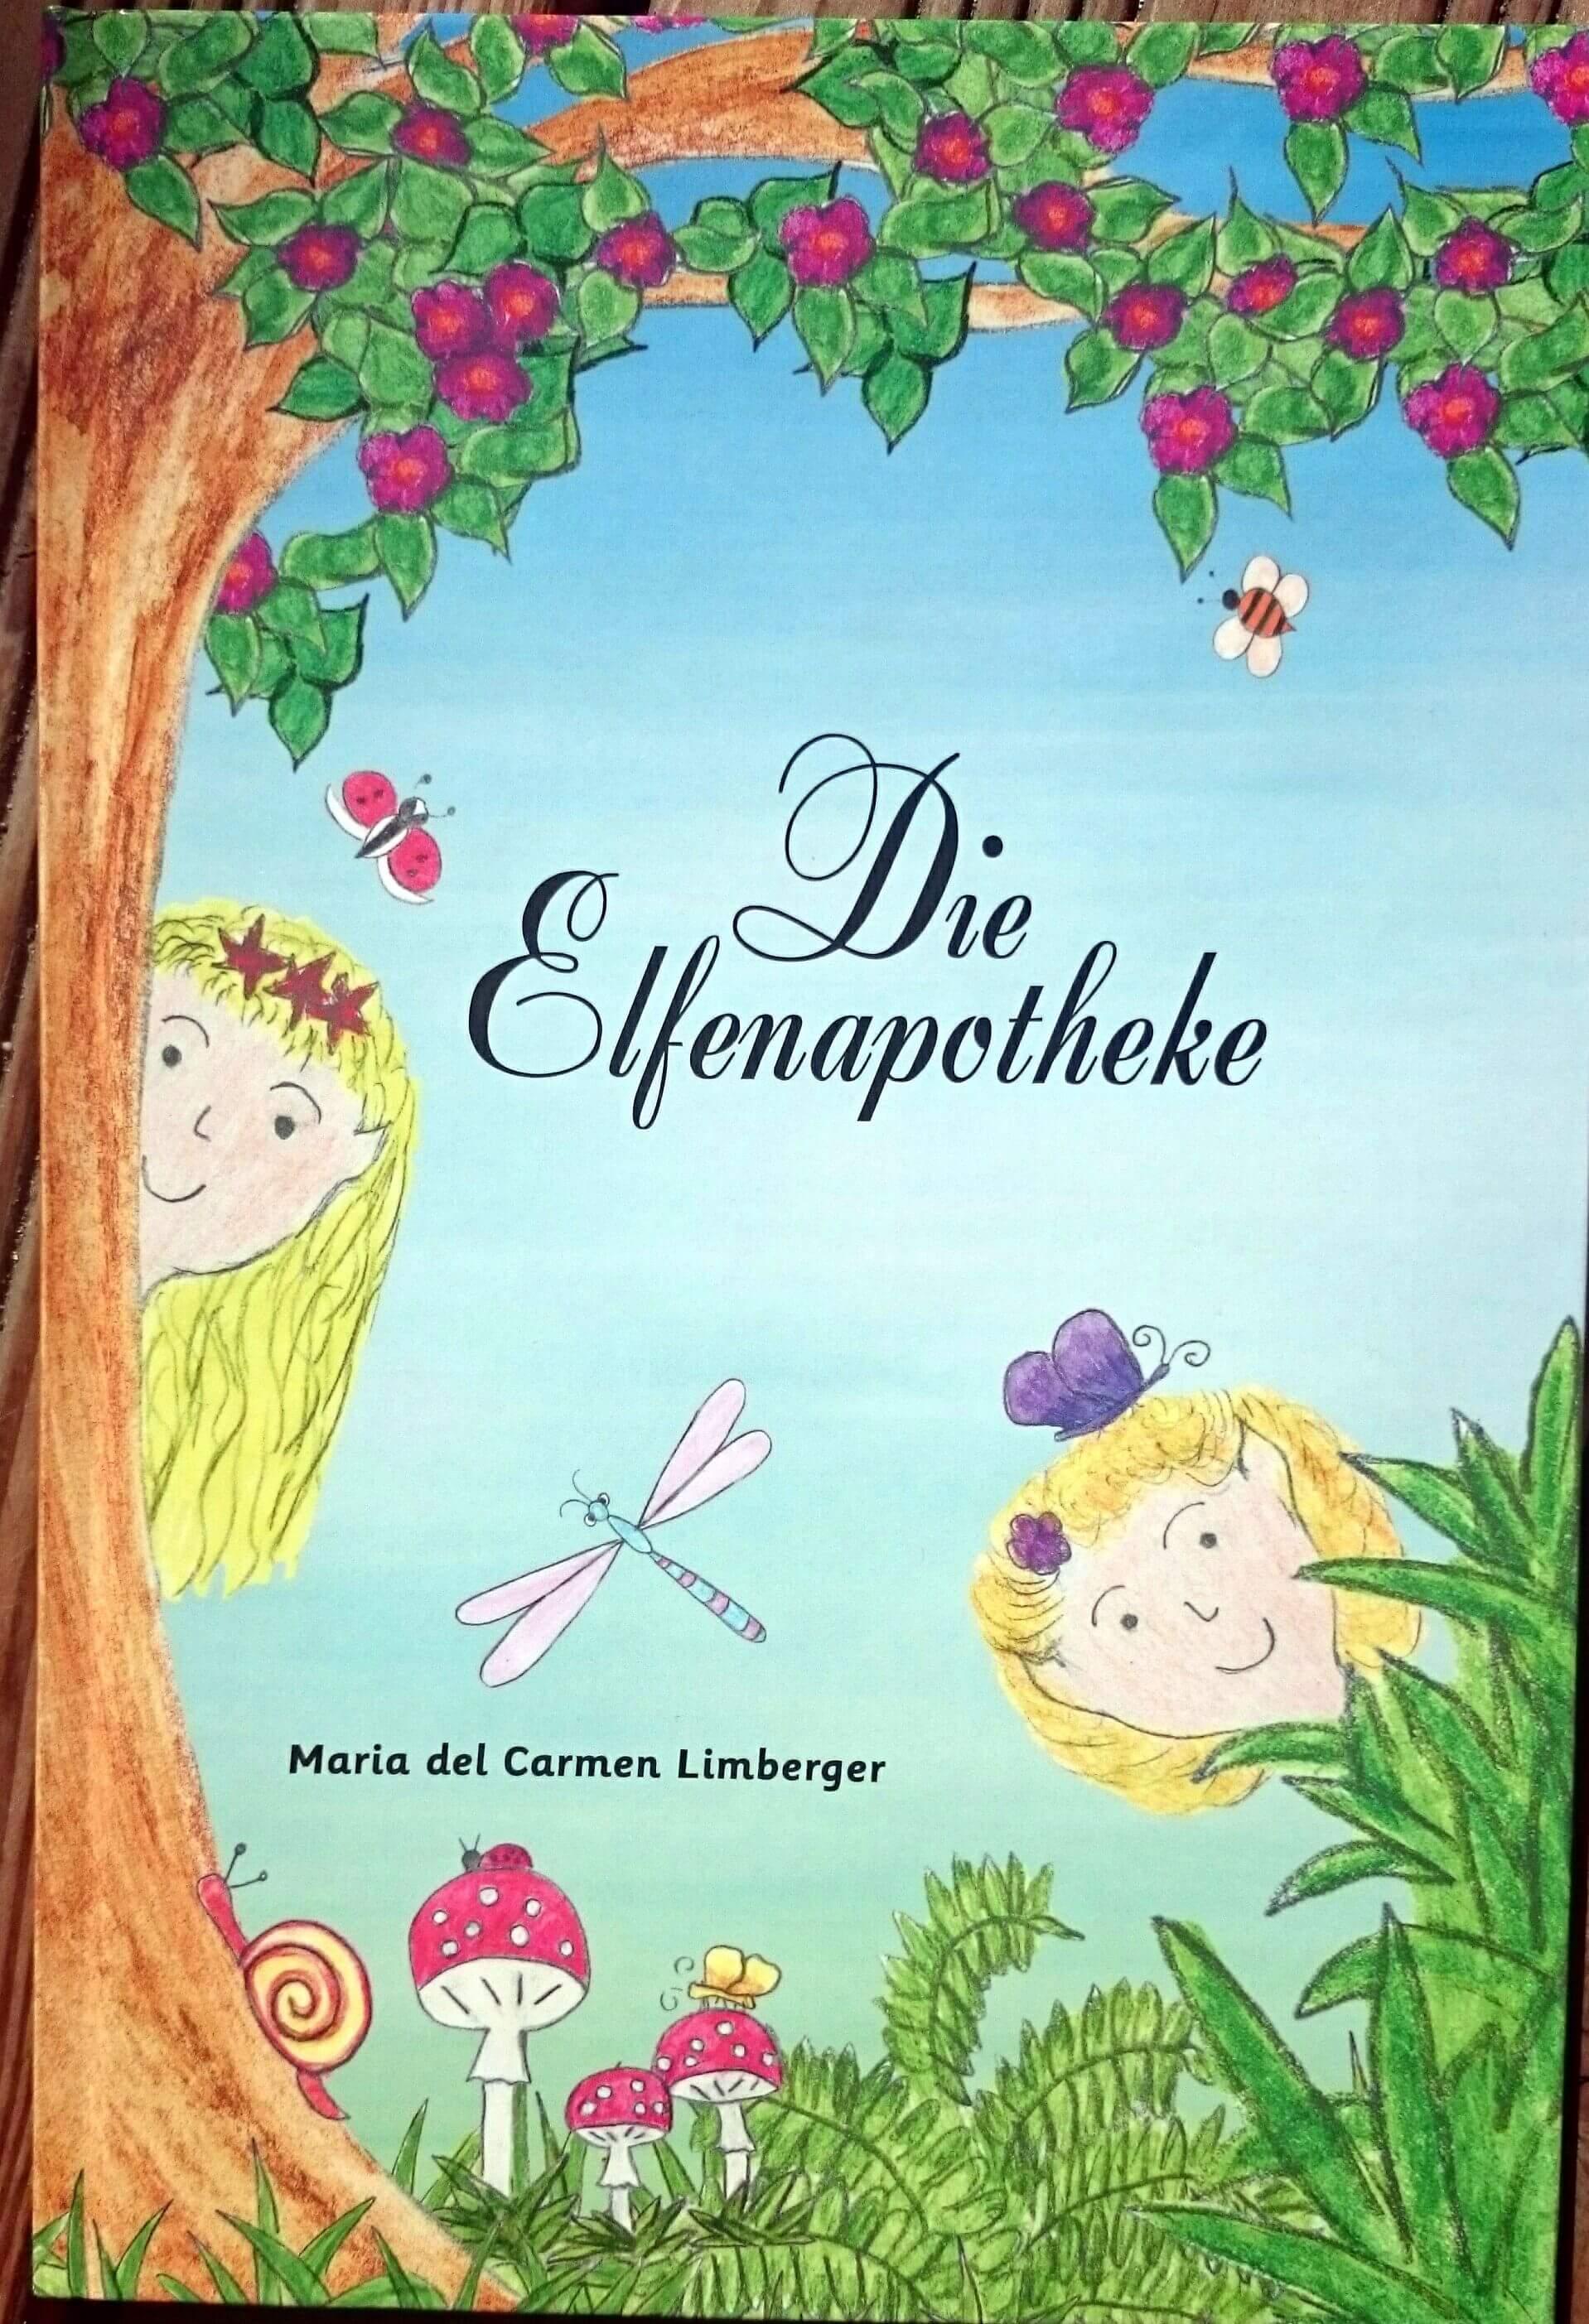 Die Elfenapotheke: Heilpflanzen für Kinder erklärt